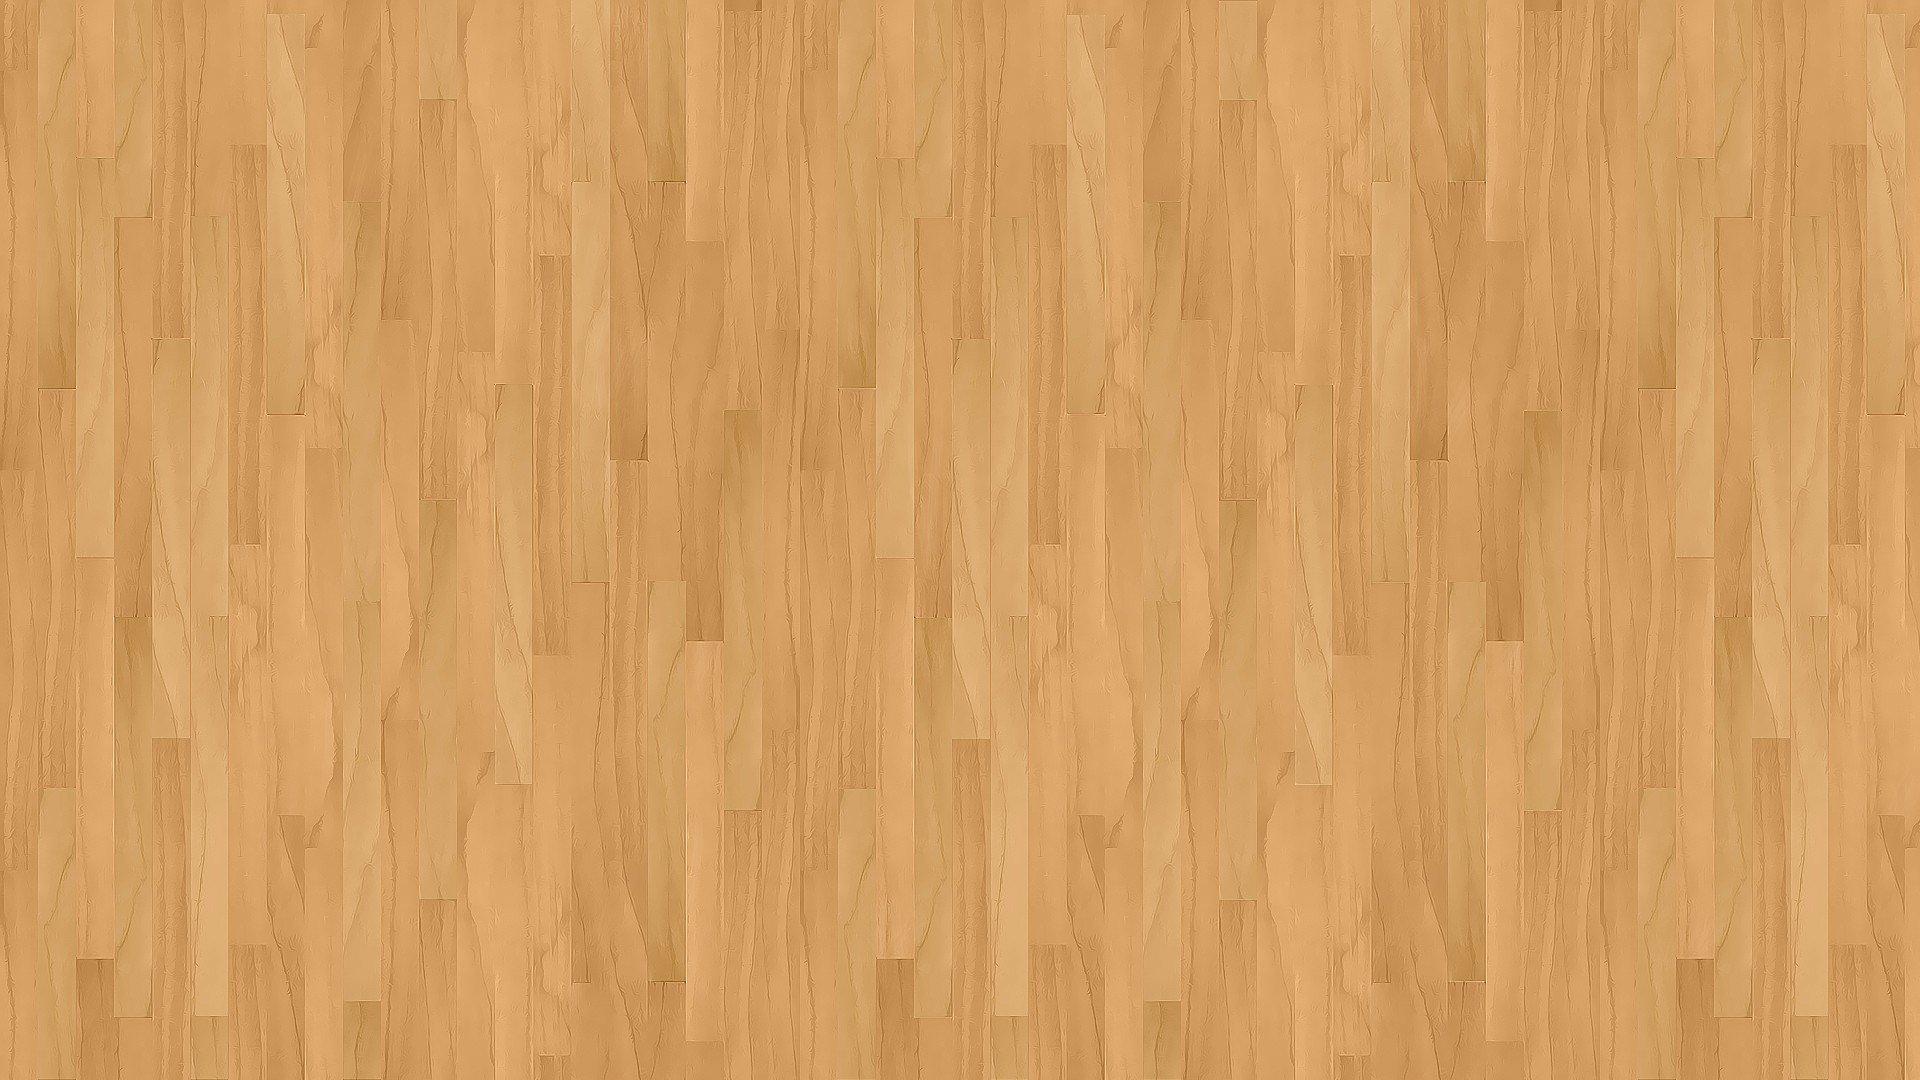 Wood wallpaper 1920x1080 43948 1920x1080